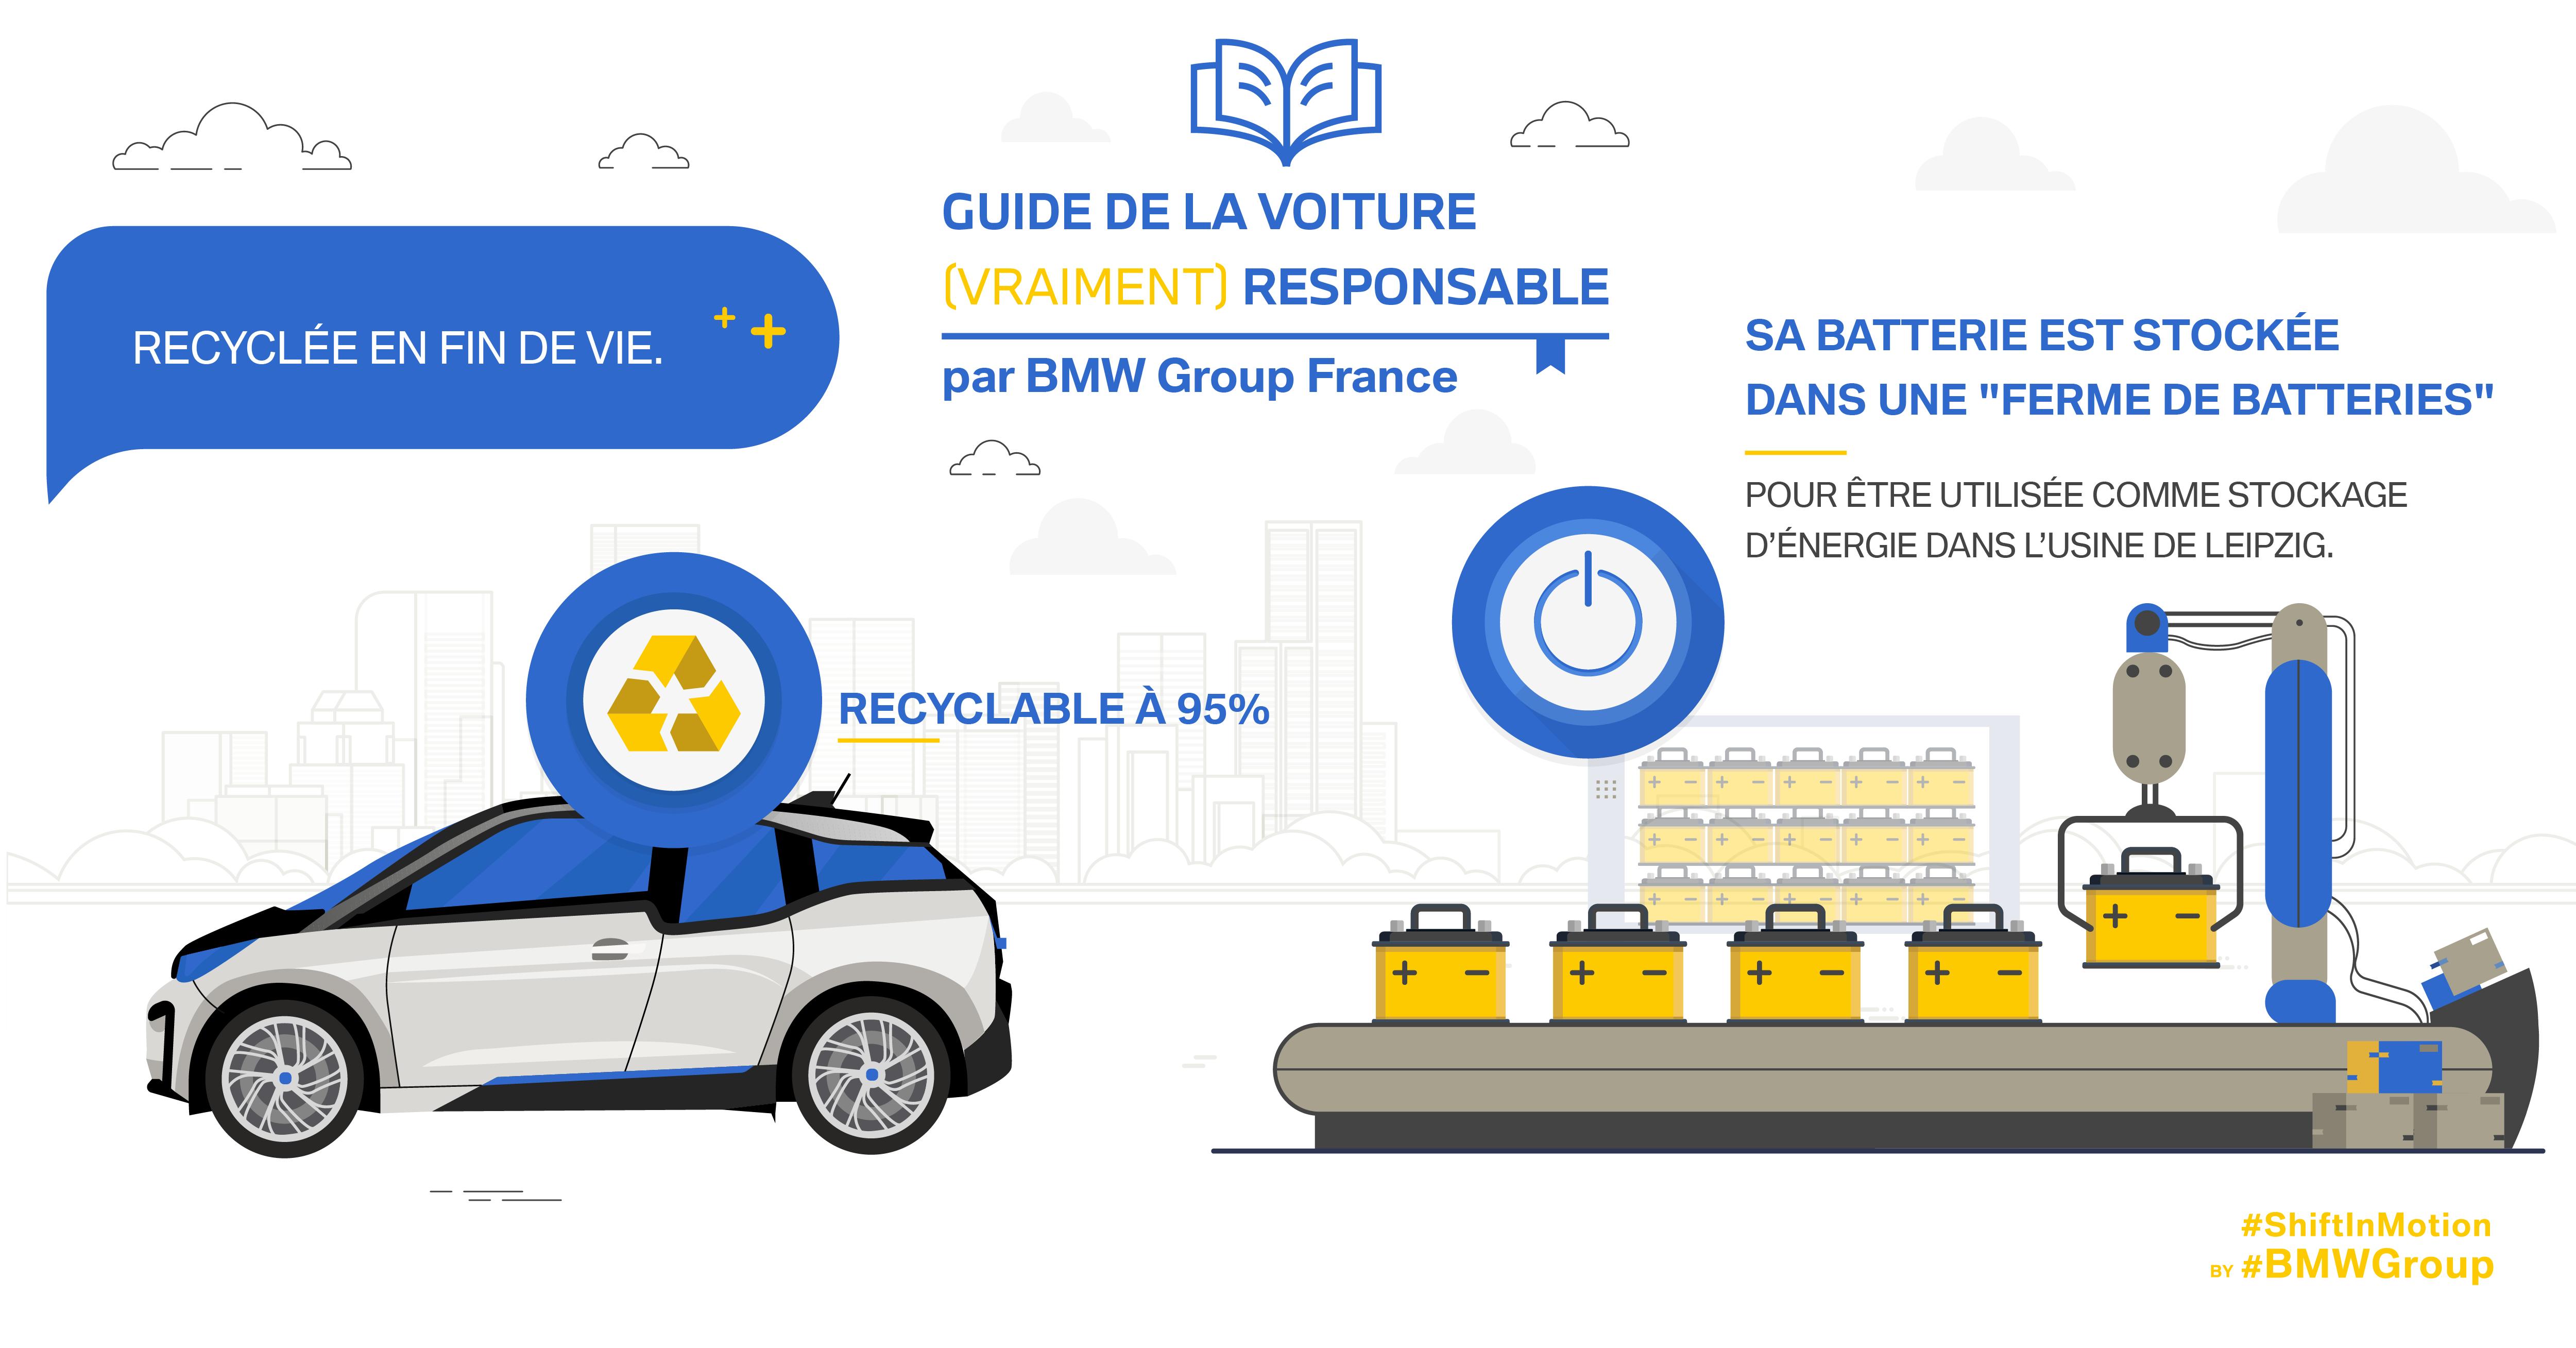 Infographie sur le recyclagle des batteries BMW